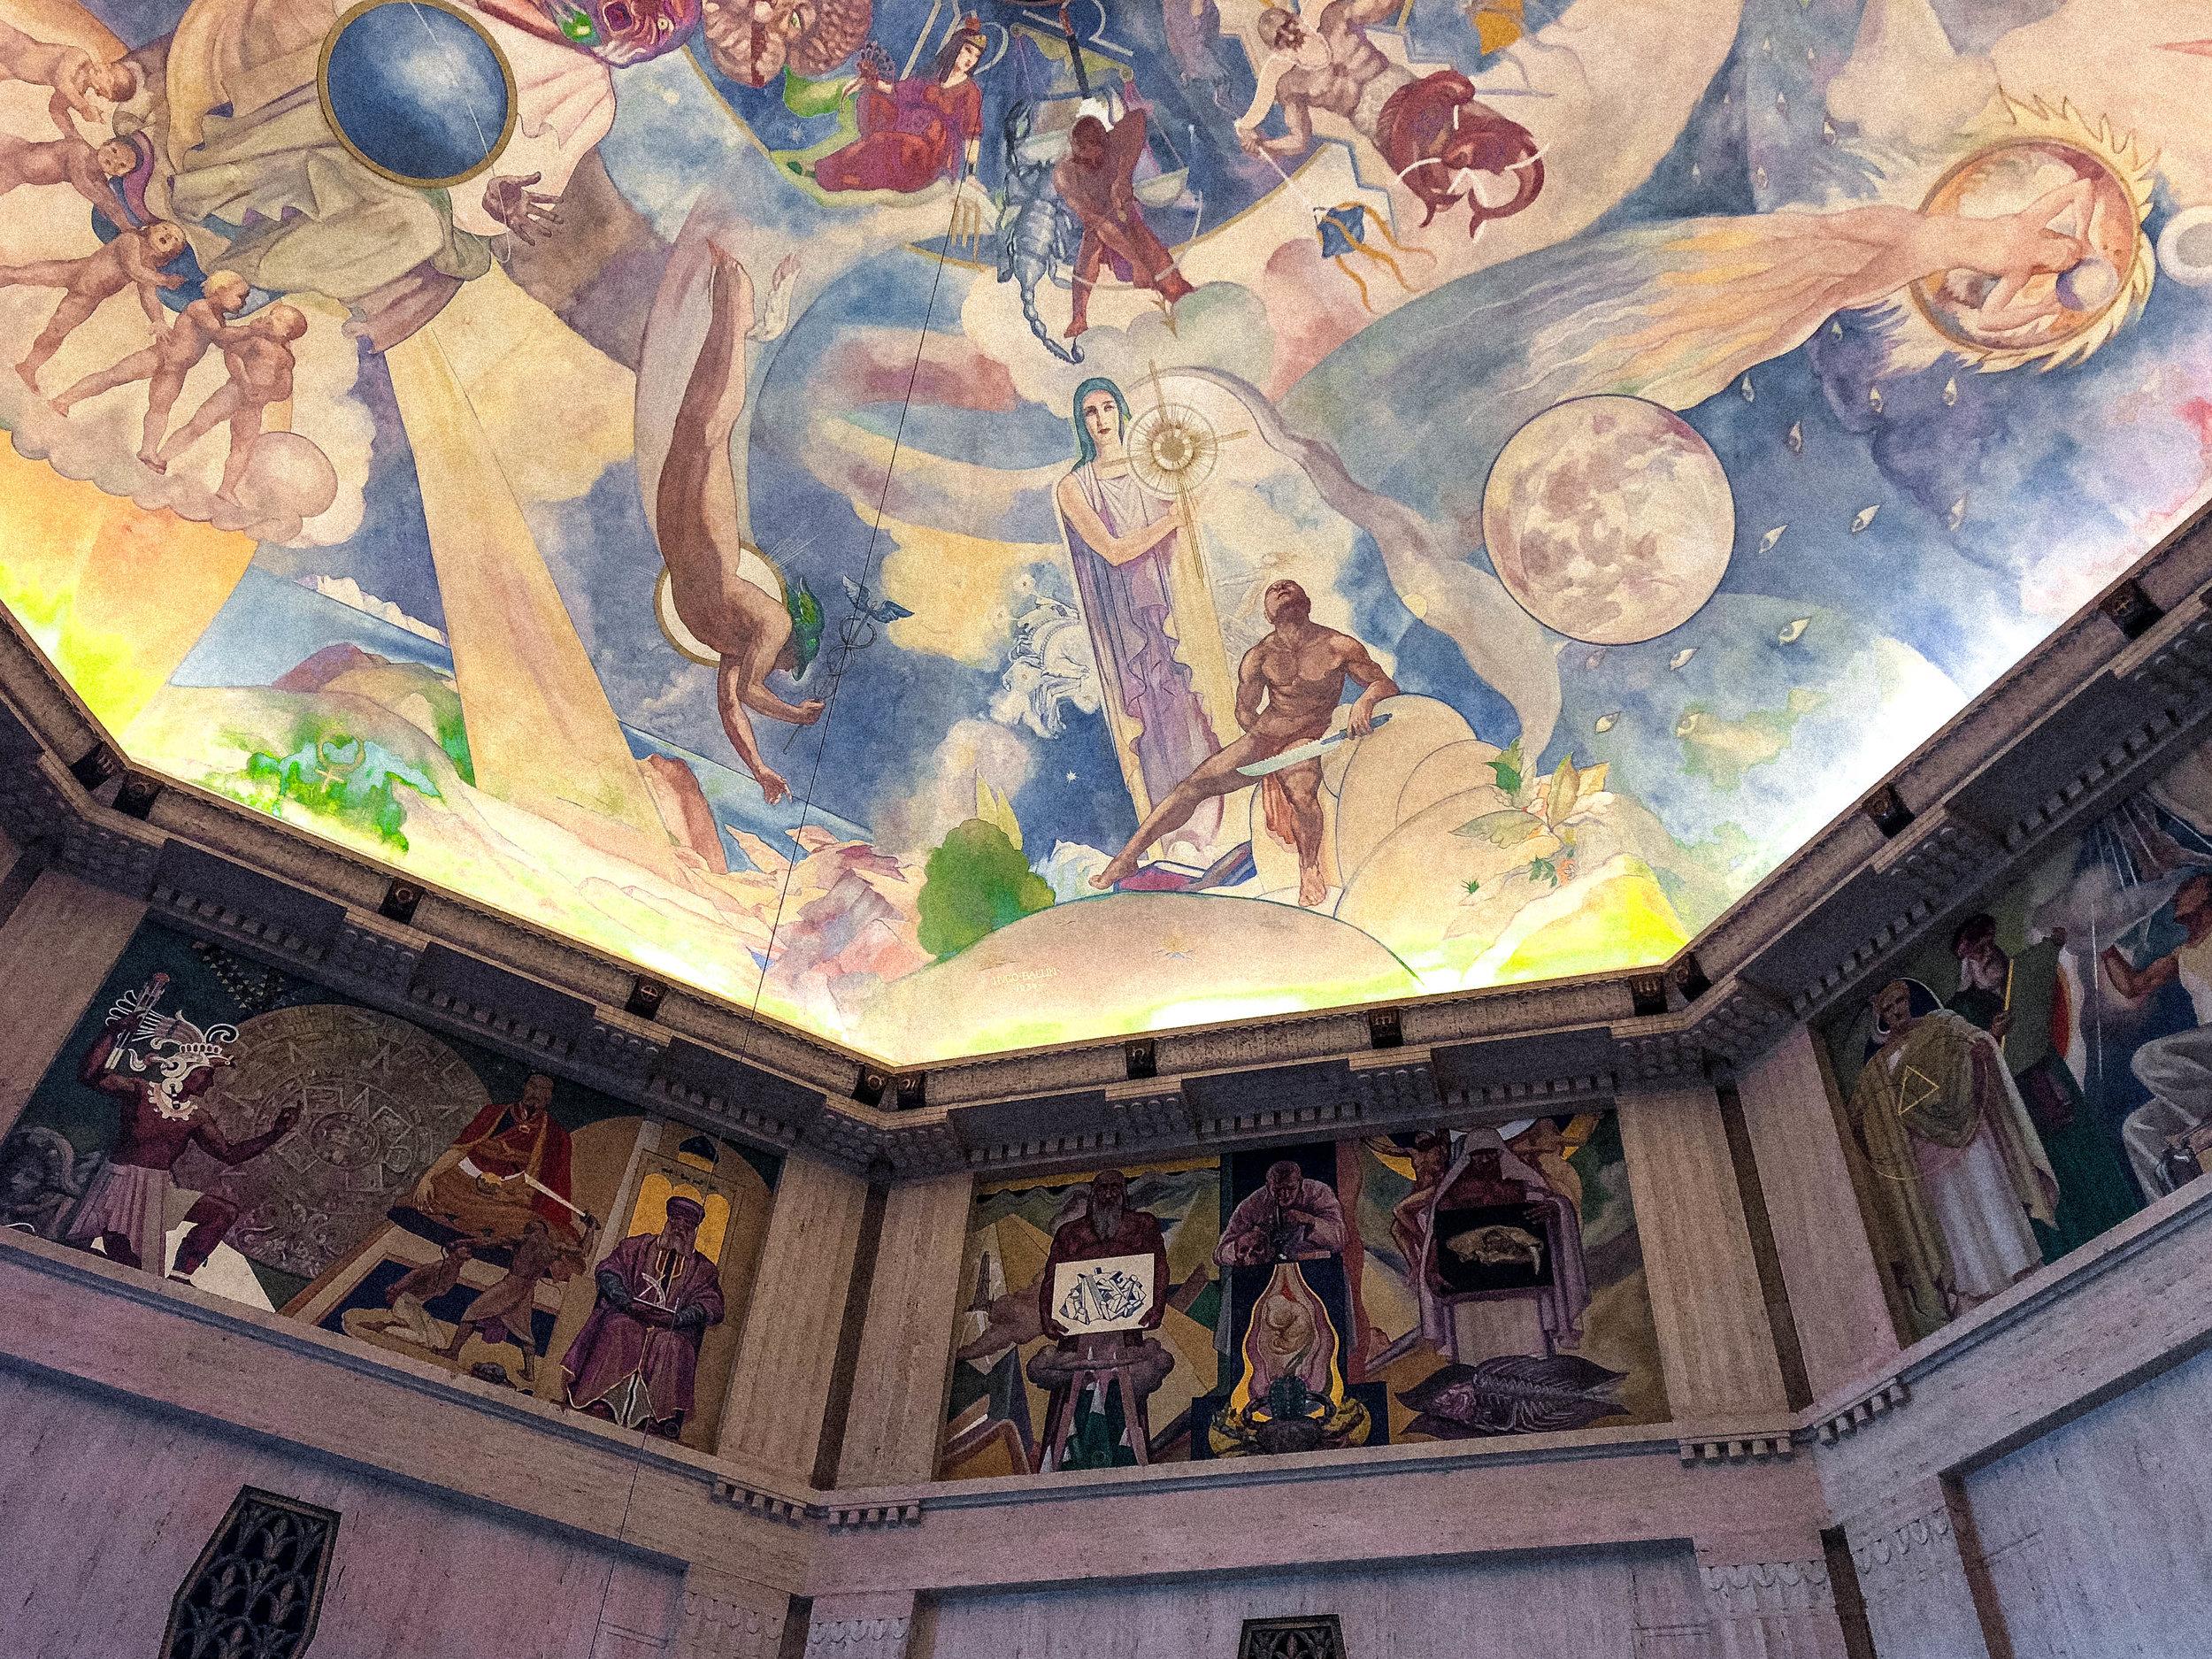 踏進天文台中向上看,圓穹天頂上的大壁畫描繪著神話與天文的故事。